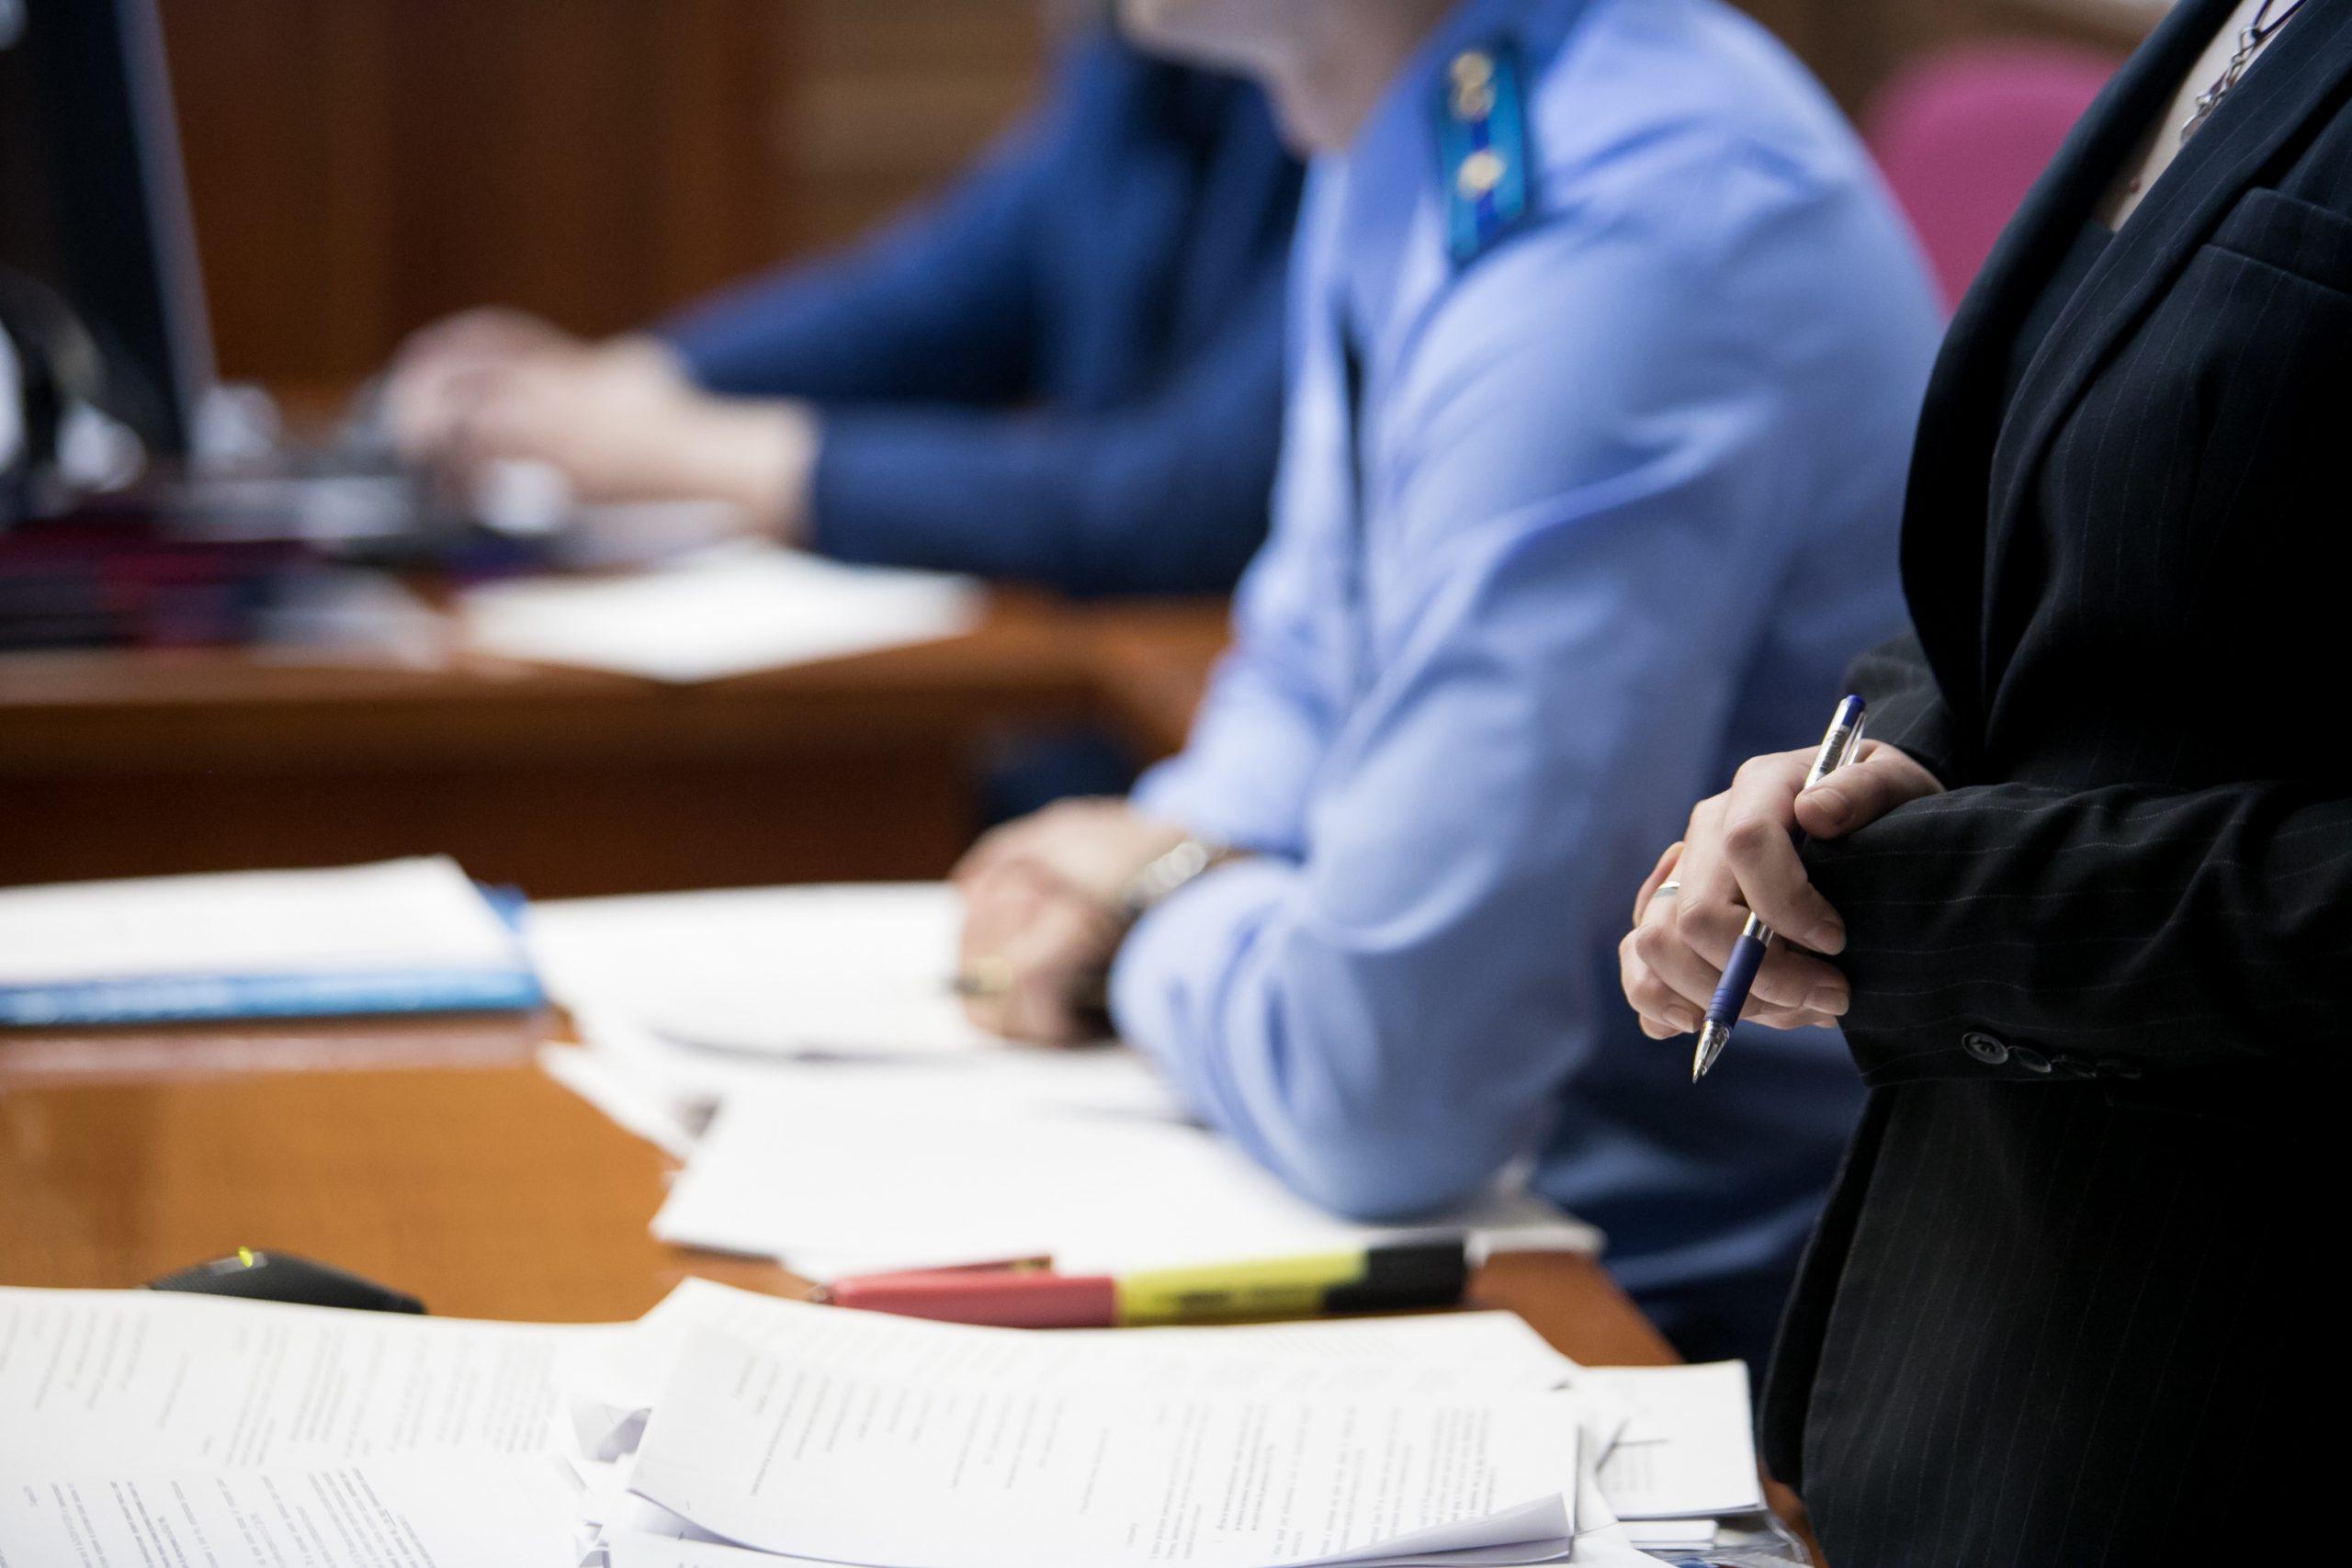 Entscheidung des Landgerichtes Dresden würde Einzelimport und ärztliche Therapiefreiheit blockieren